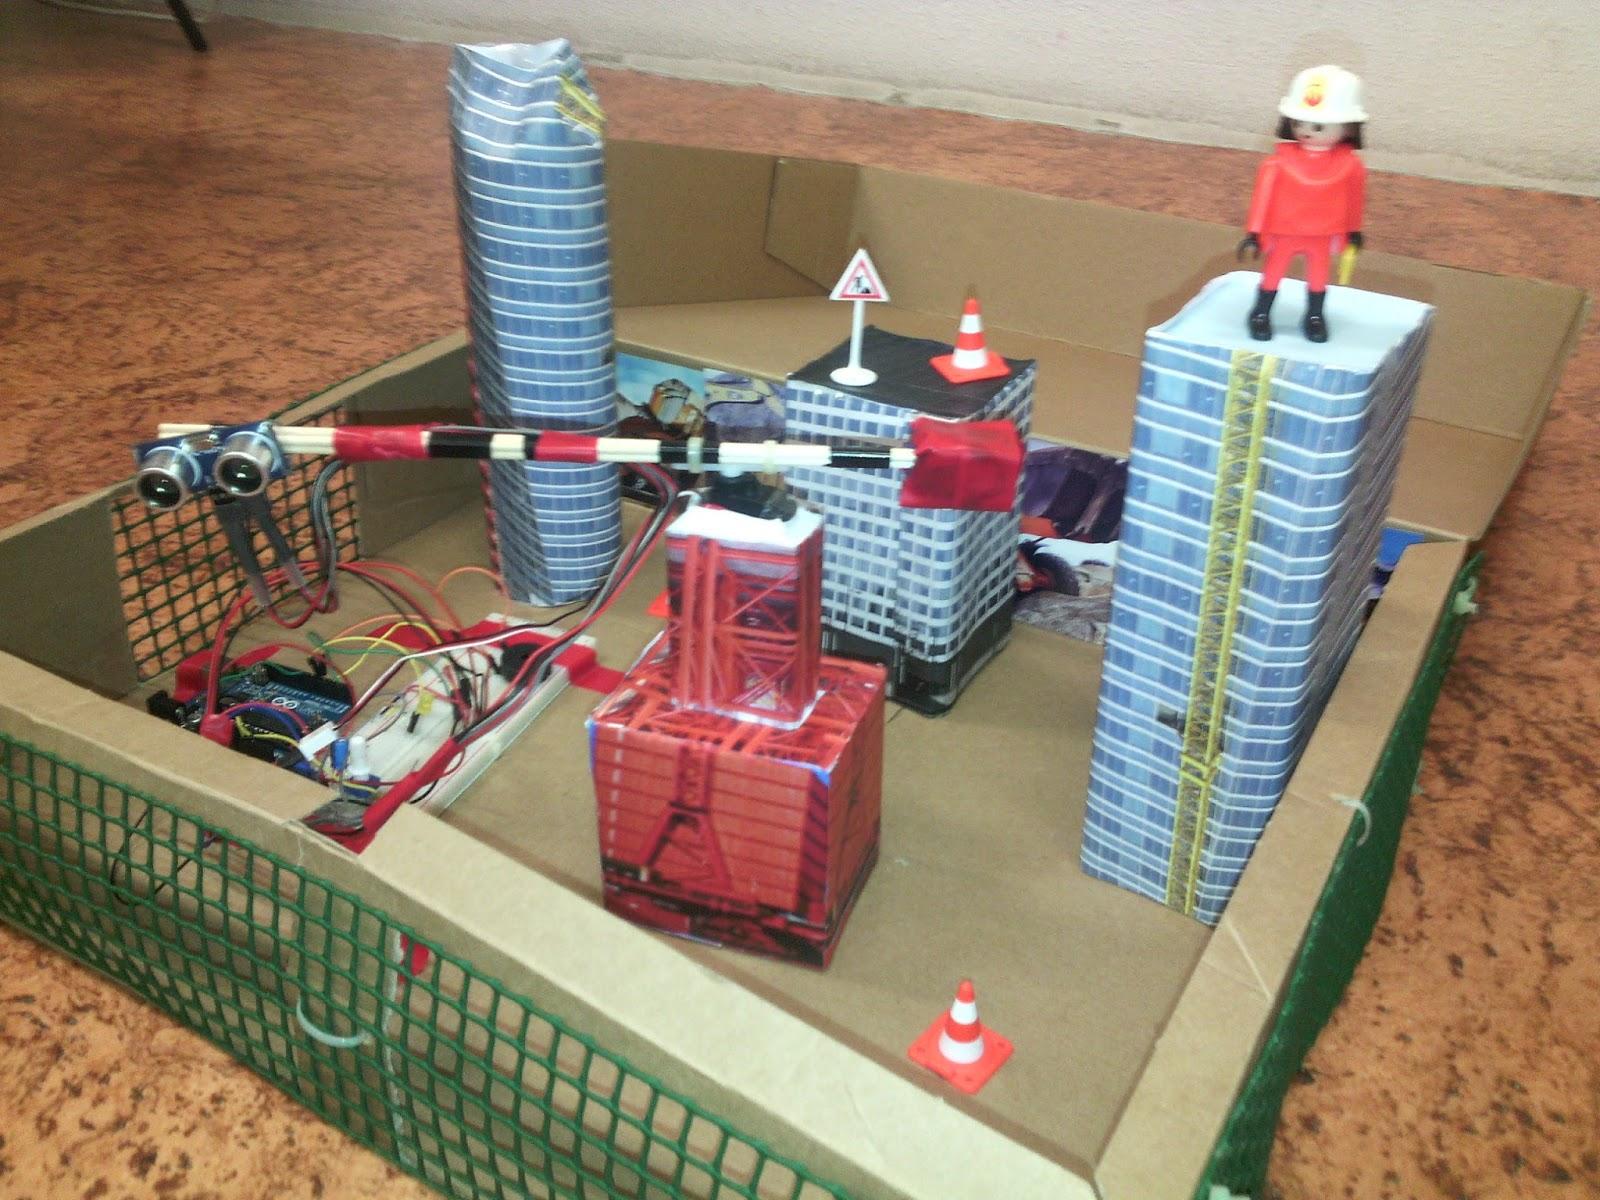 Tecnovando desde proyecto con la plataforma arduino